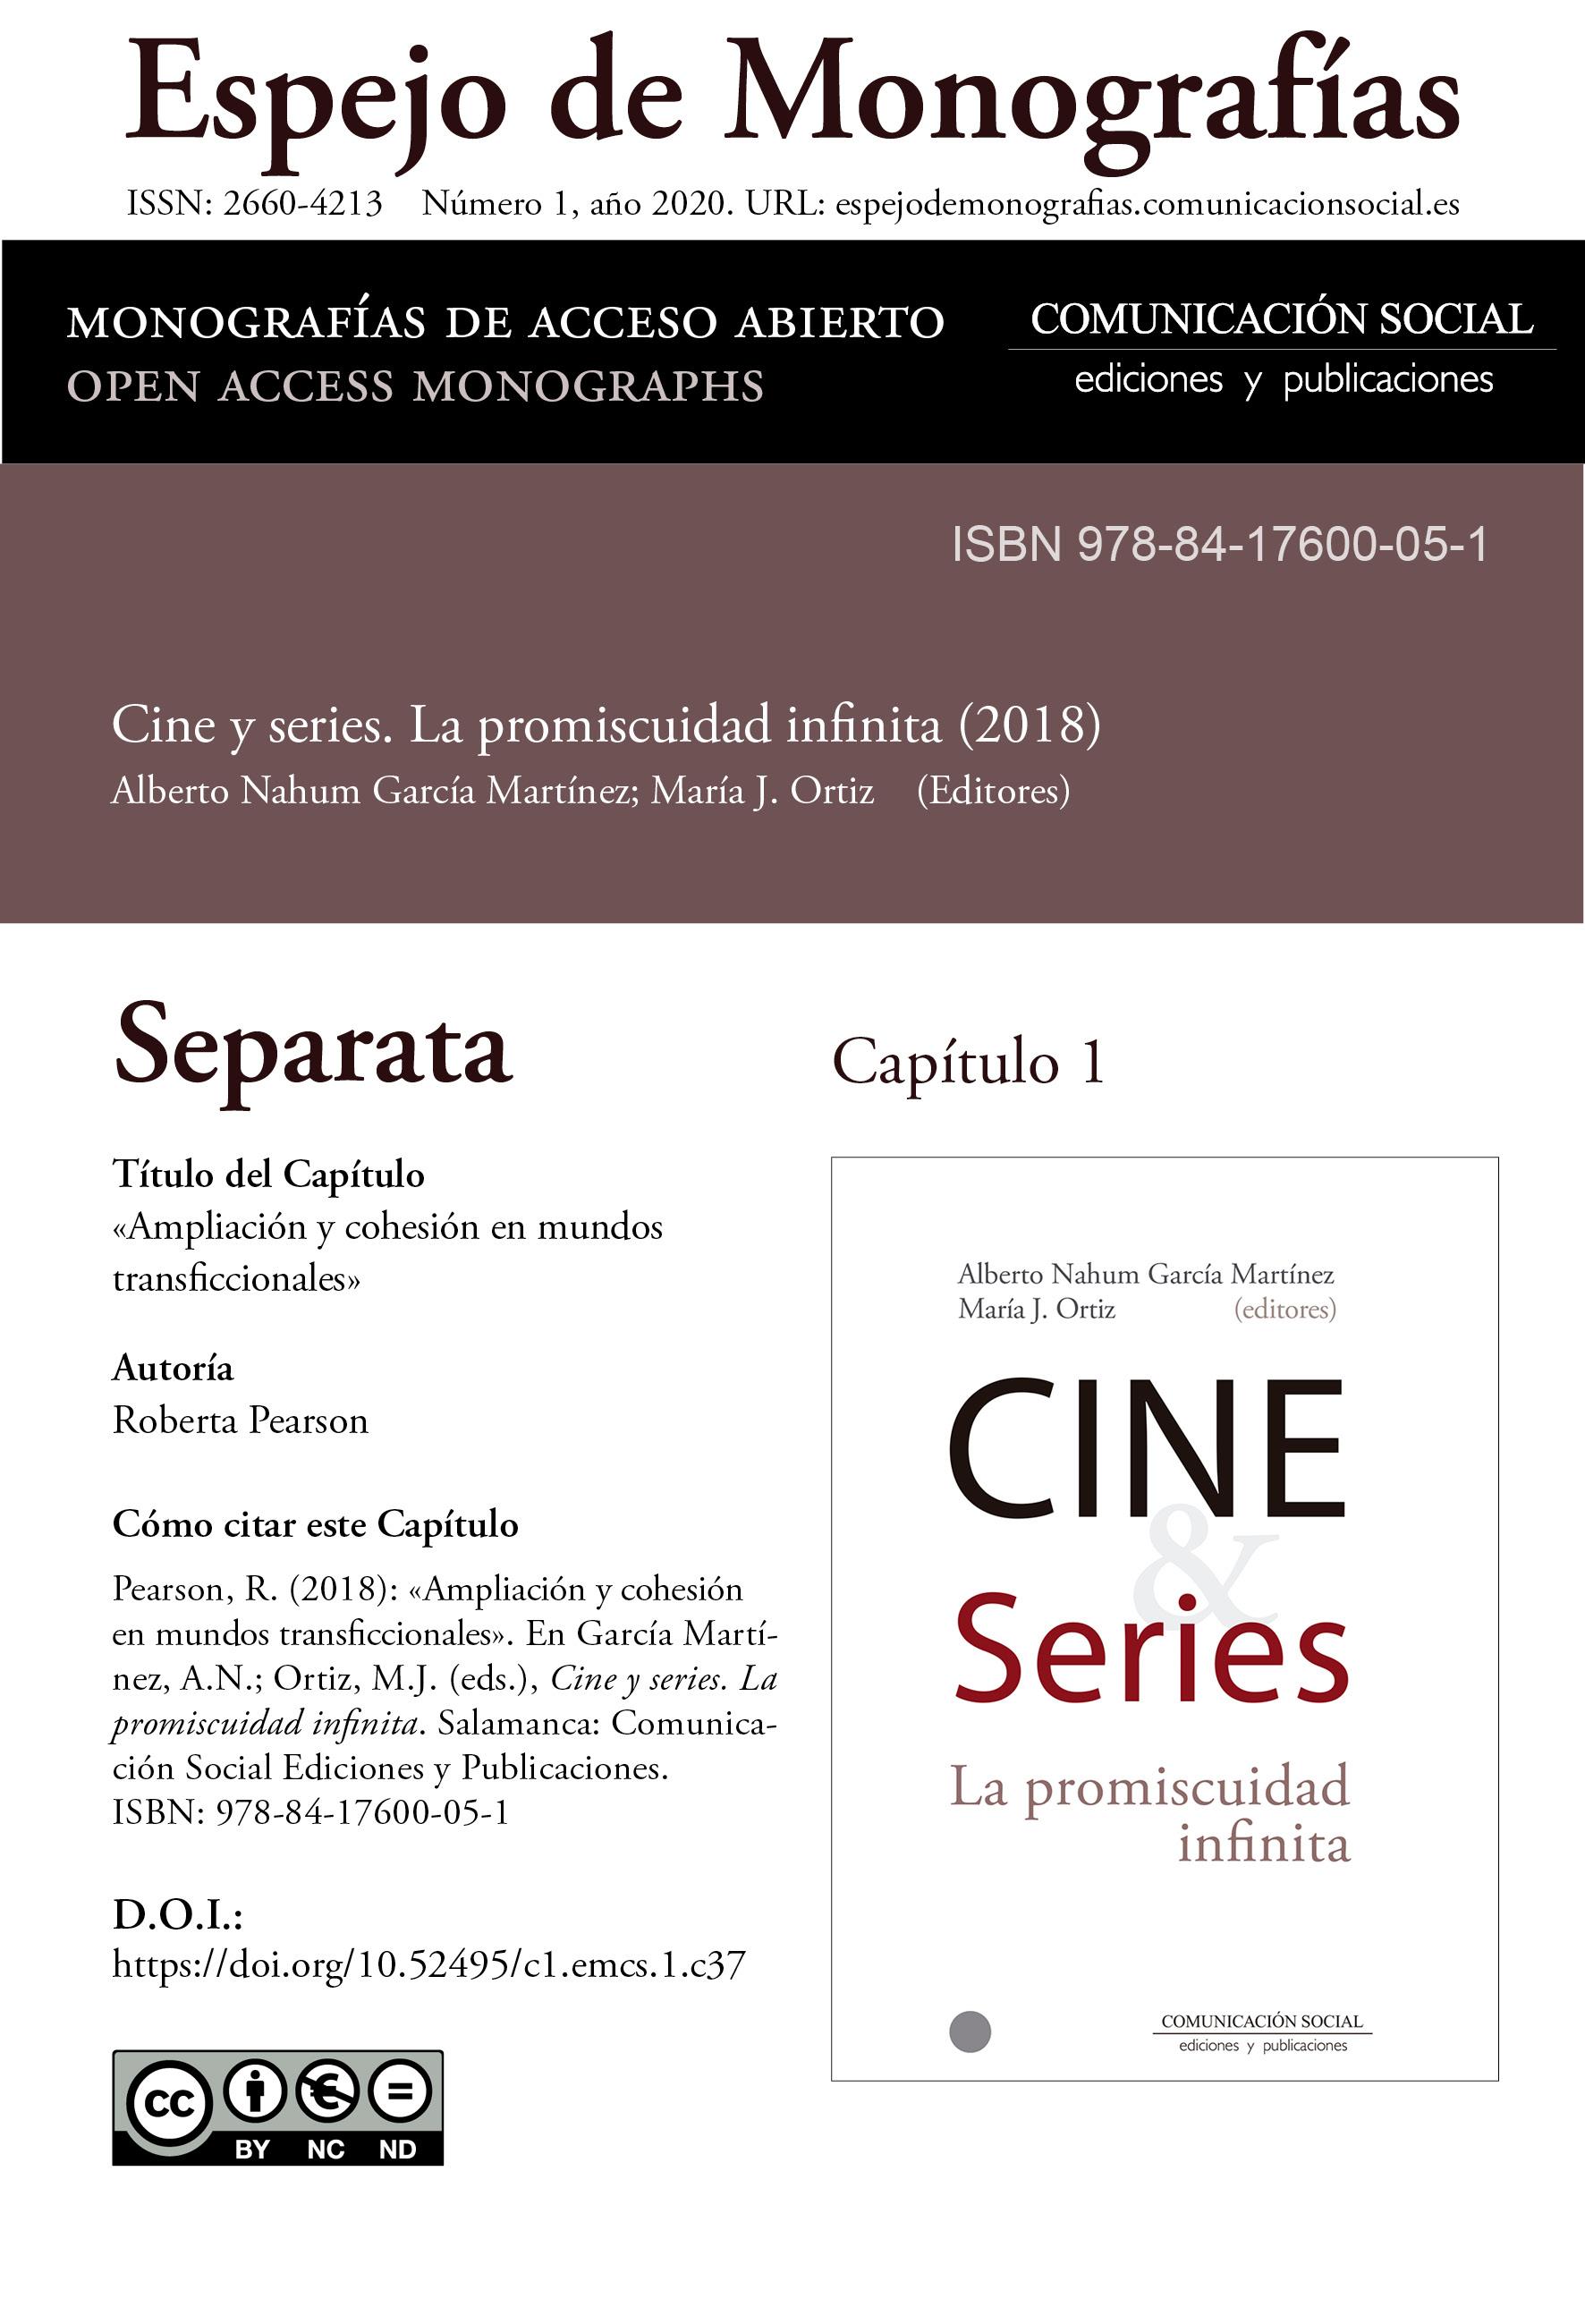 Separata del Capítulo 1 correspondiente a la monografía Cine y series